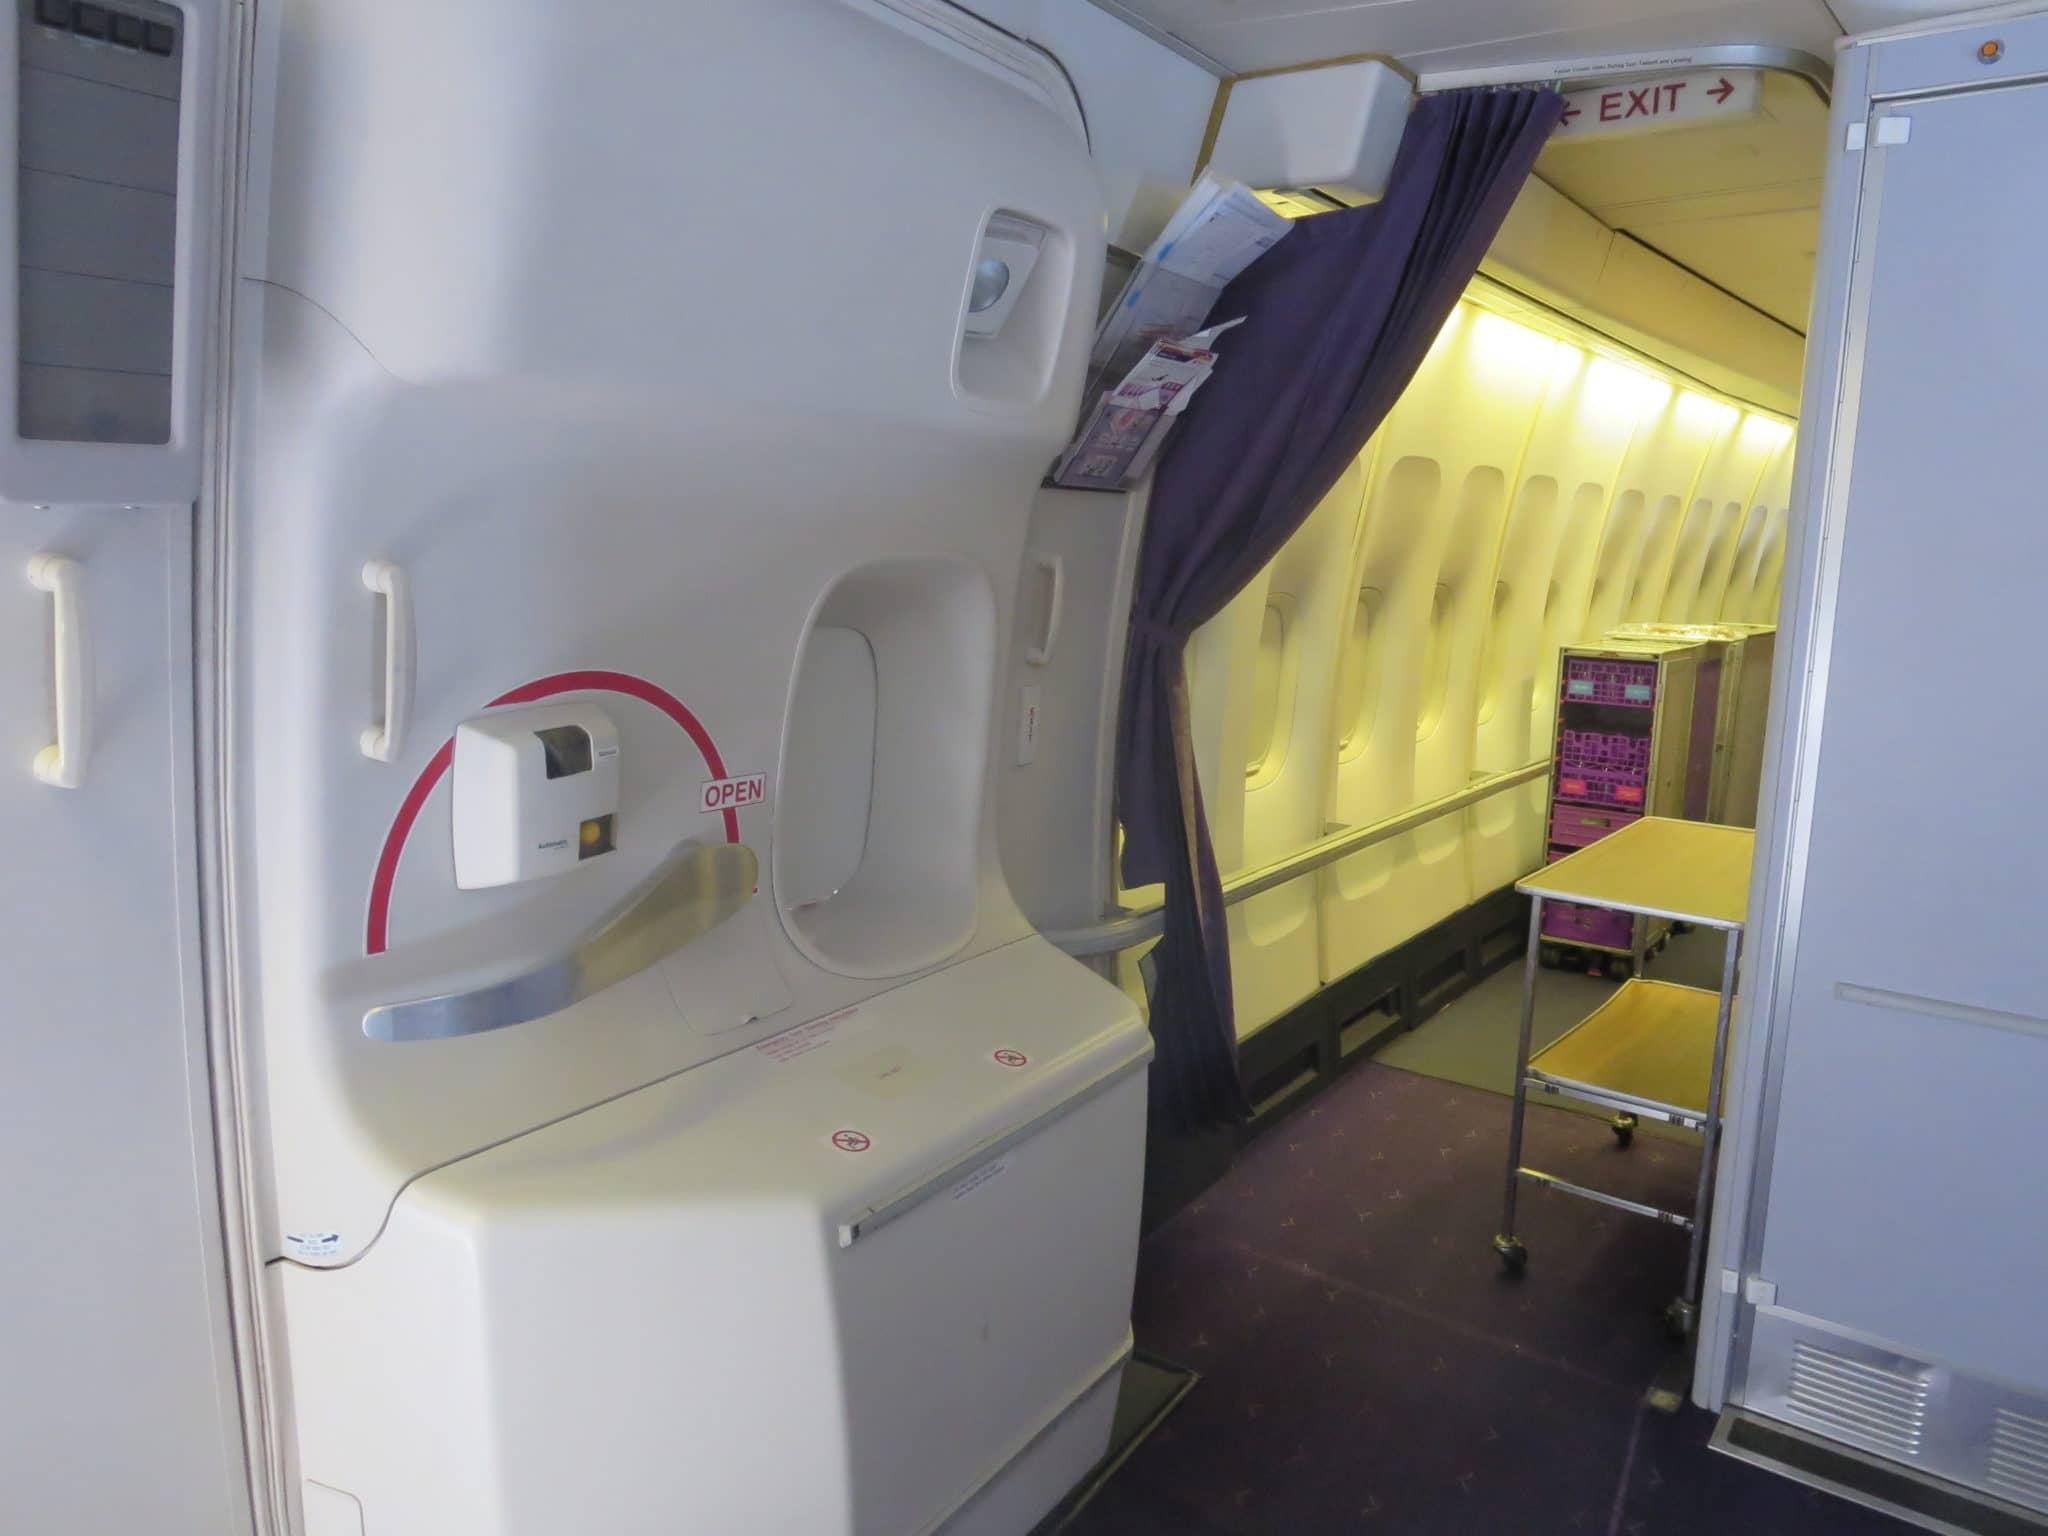 Thai Airways First Class Boeing 747 Galley